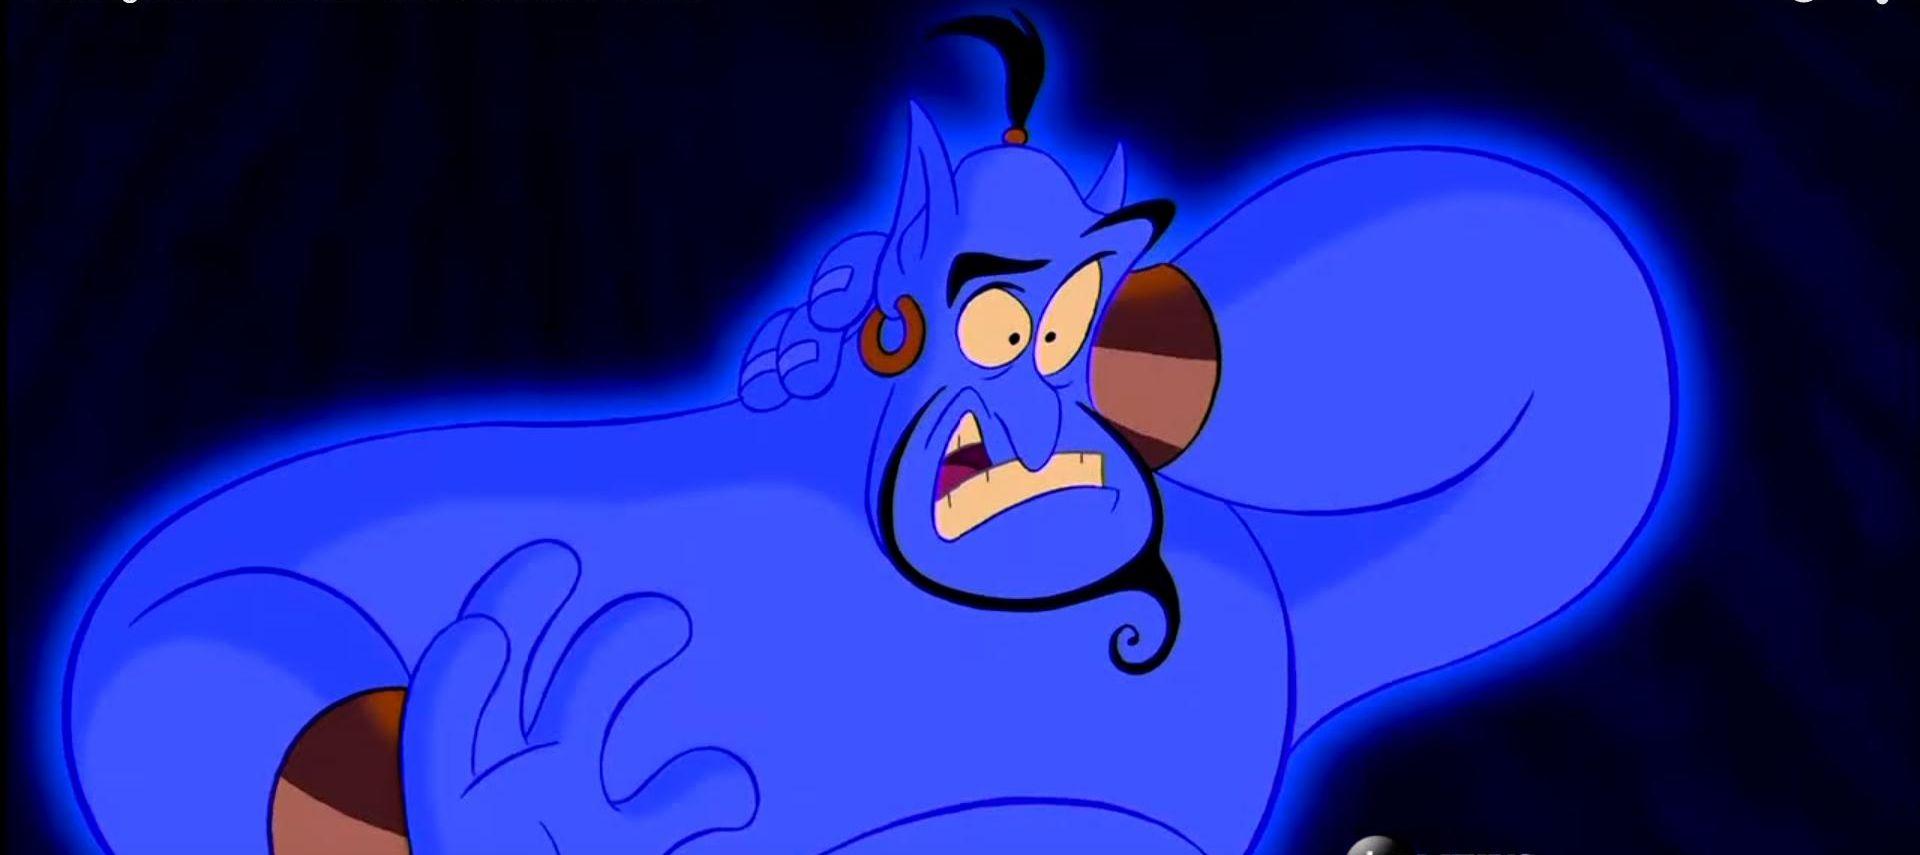 Novi nastavak Aladina? Ako žele Williamsa u ulozi Geniea, Disney mora čekati još 24 godine